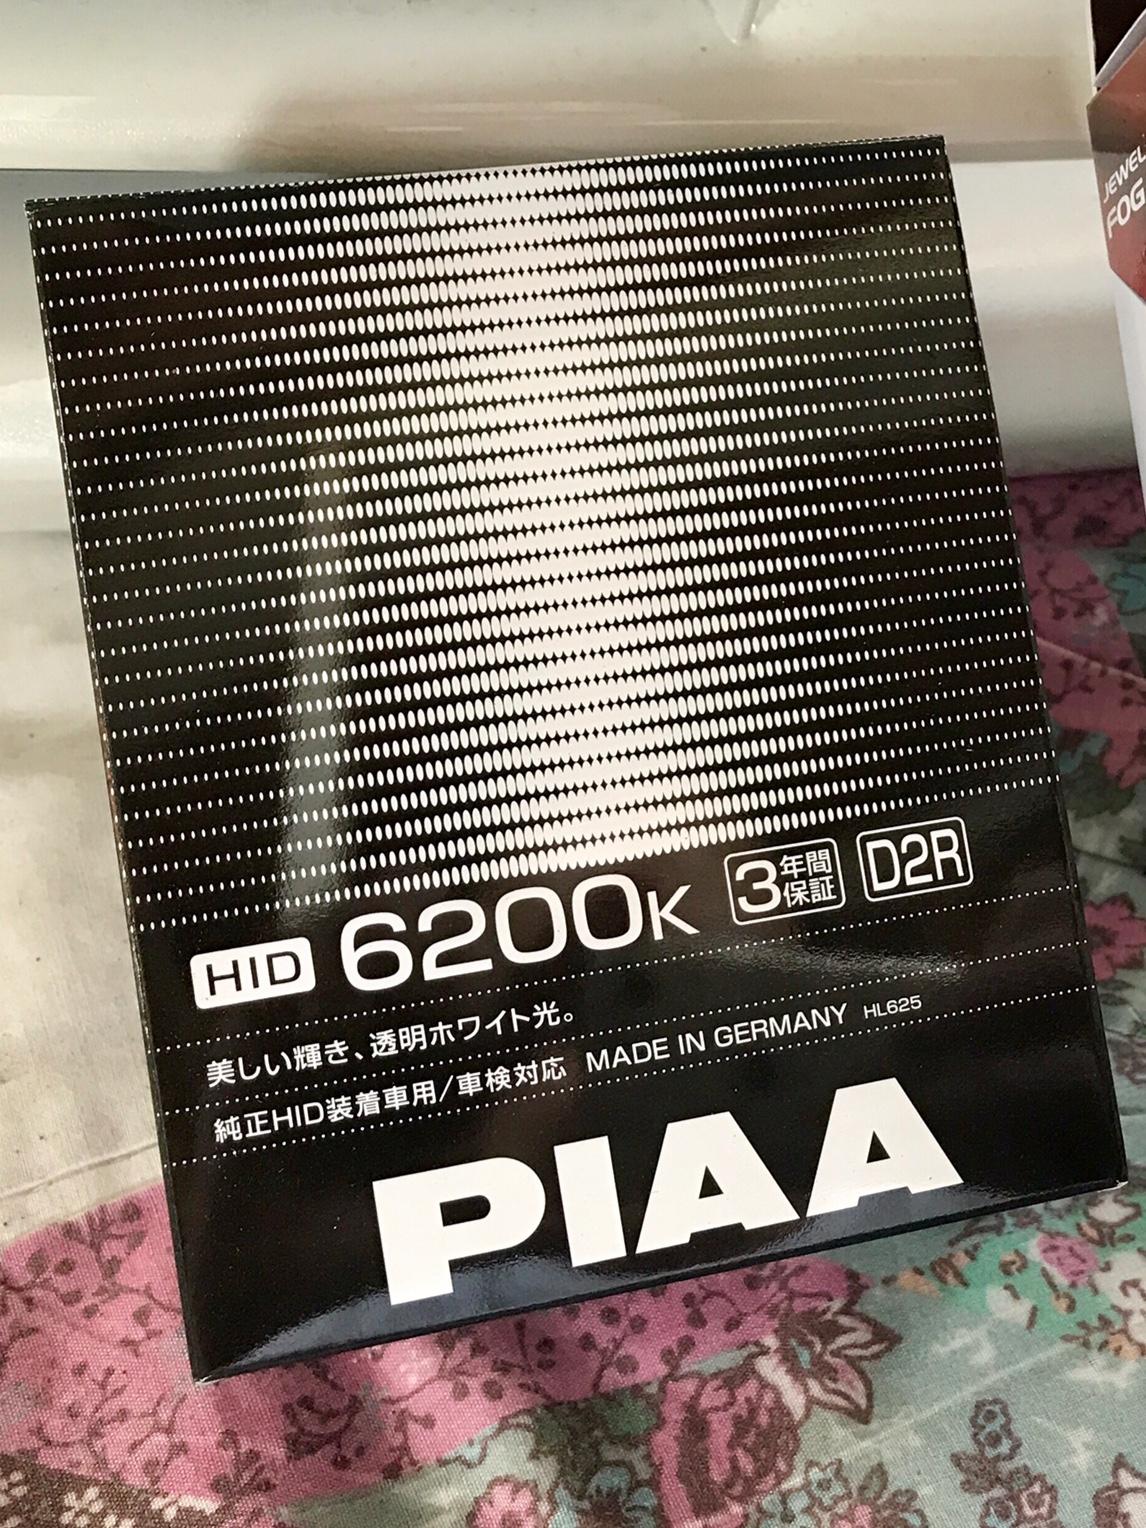 piaa d2r 6000k クラウンロイヤル grs182 19年式 60thanniversaryed